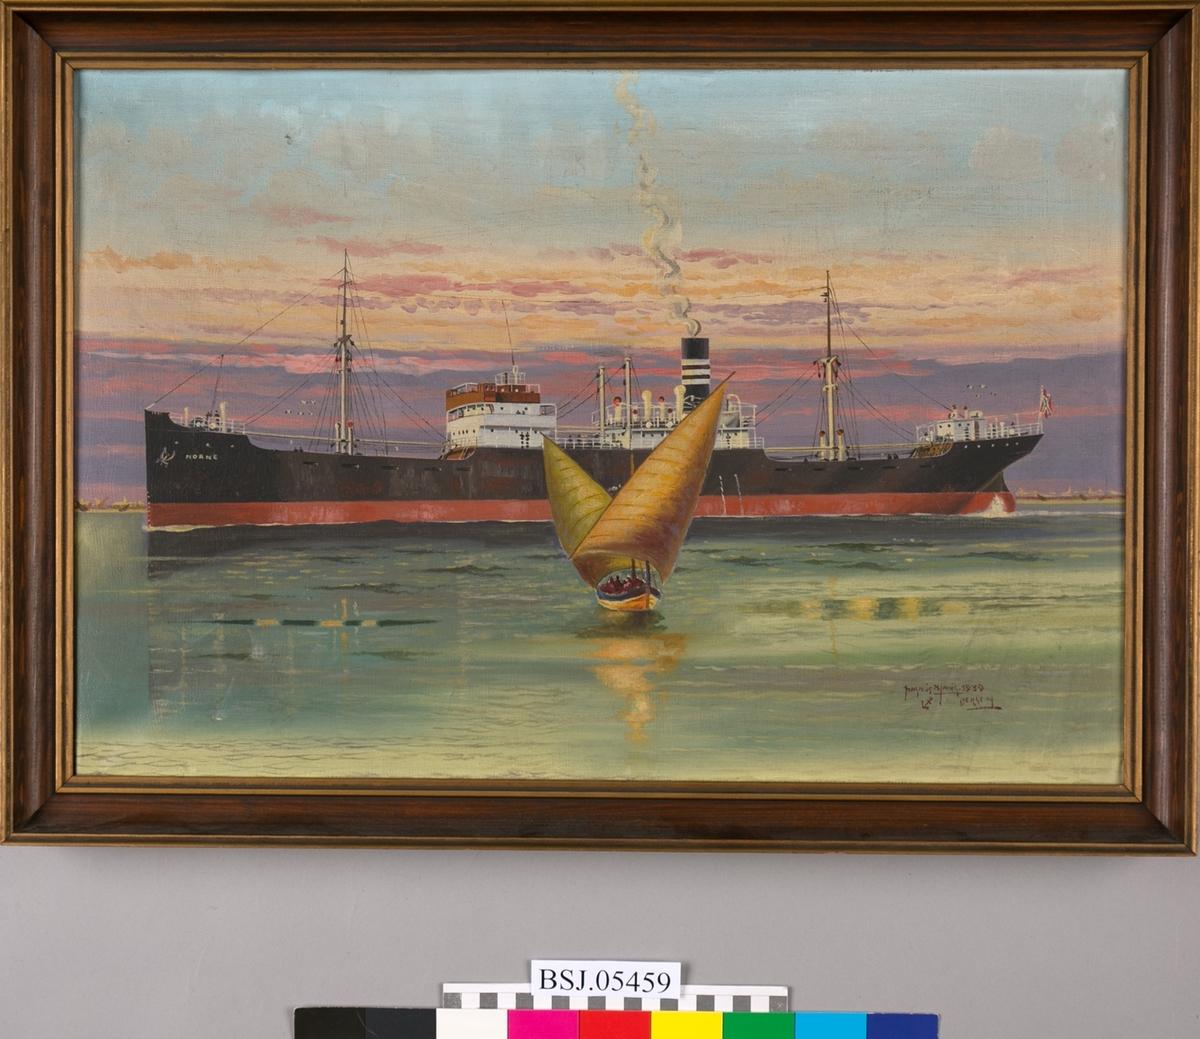 Skipsportrett av MS NORNE med havnemotiv i horisonten. I forgrunn en seilbåt med to seil. Skipet har Kuhnlerederiets skorsteinsmerke og norsk flagg i akter.